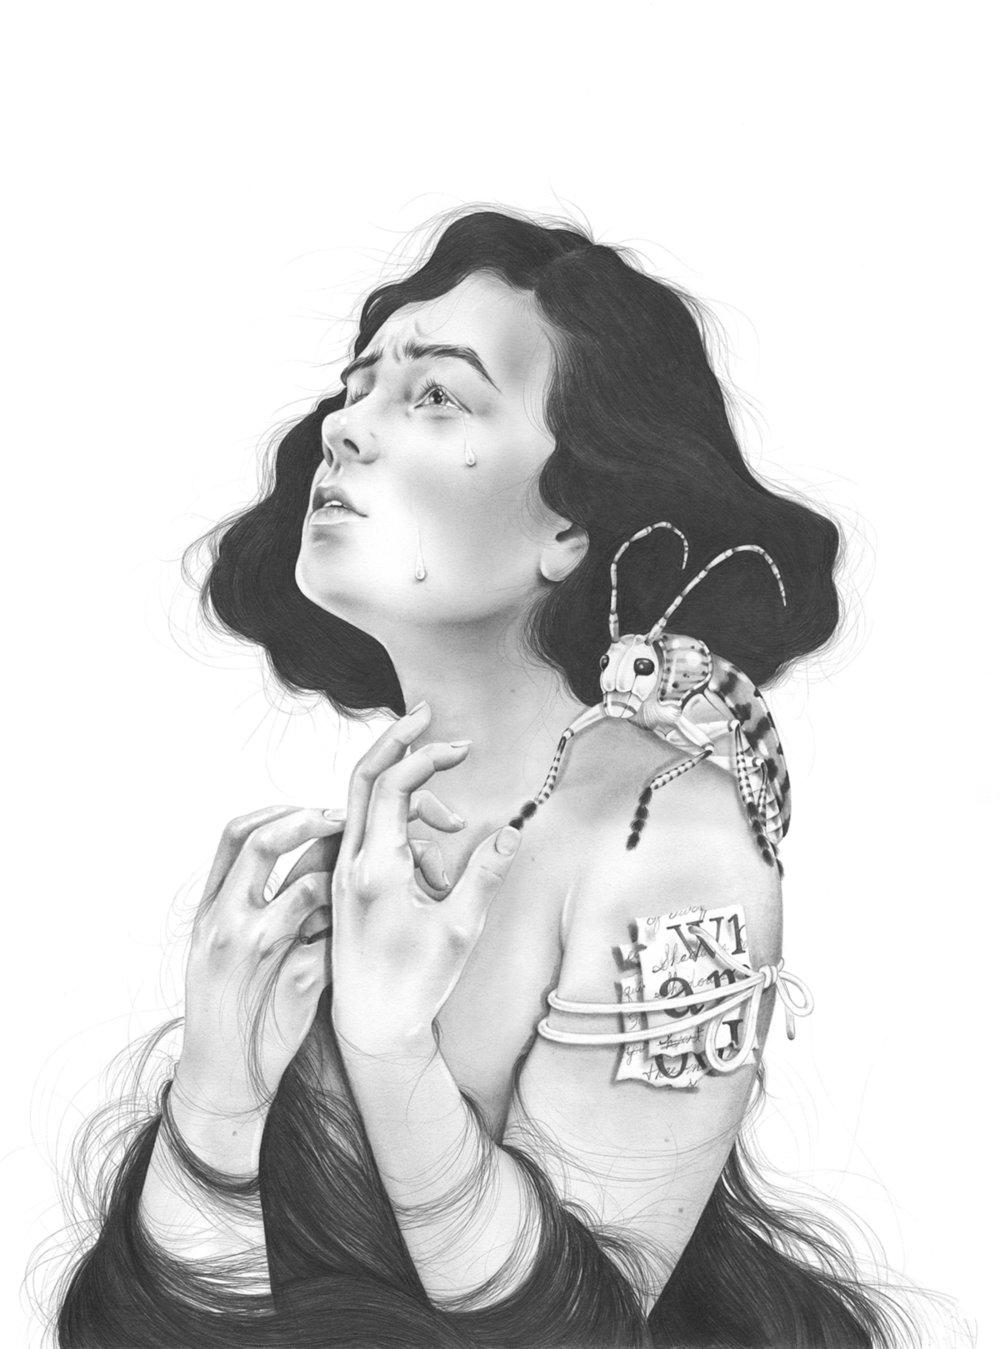 LSD & The Devil | 16x20 | Graphite on Archival Paper